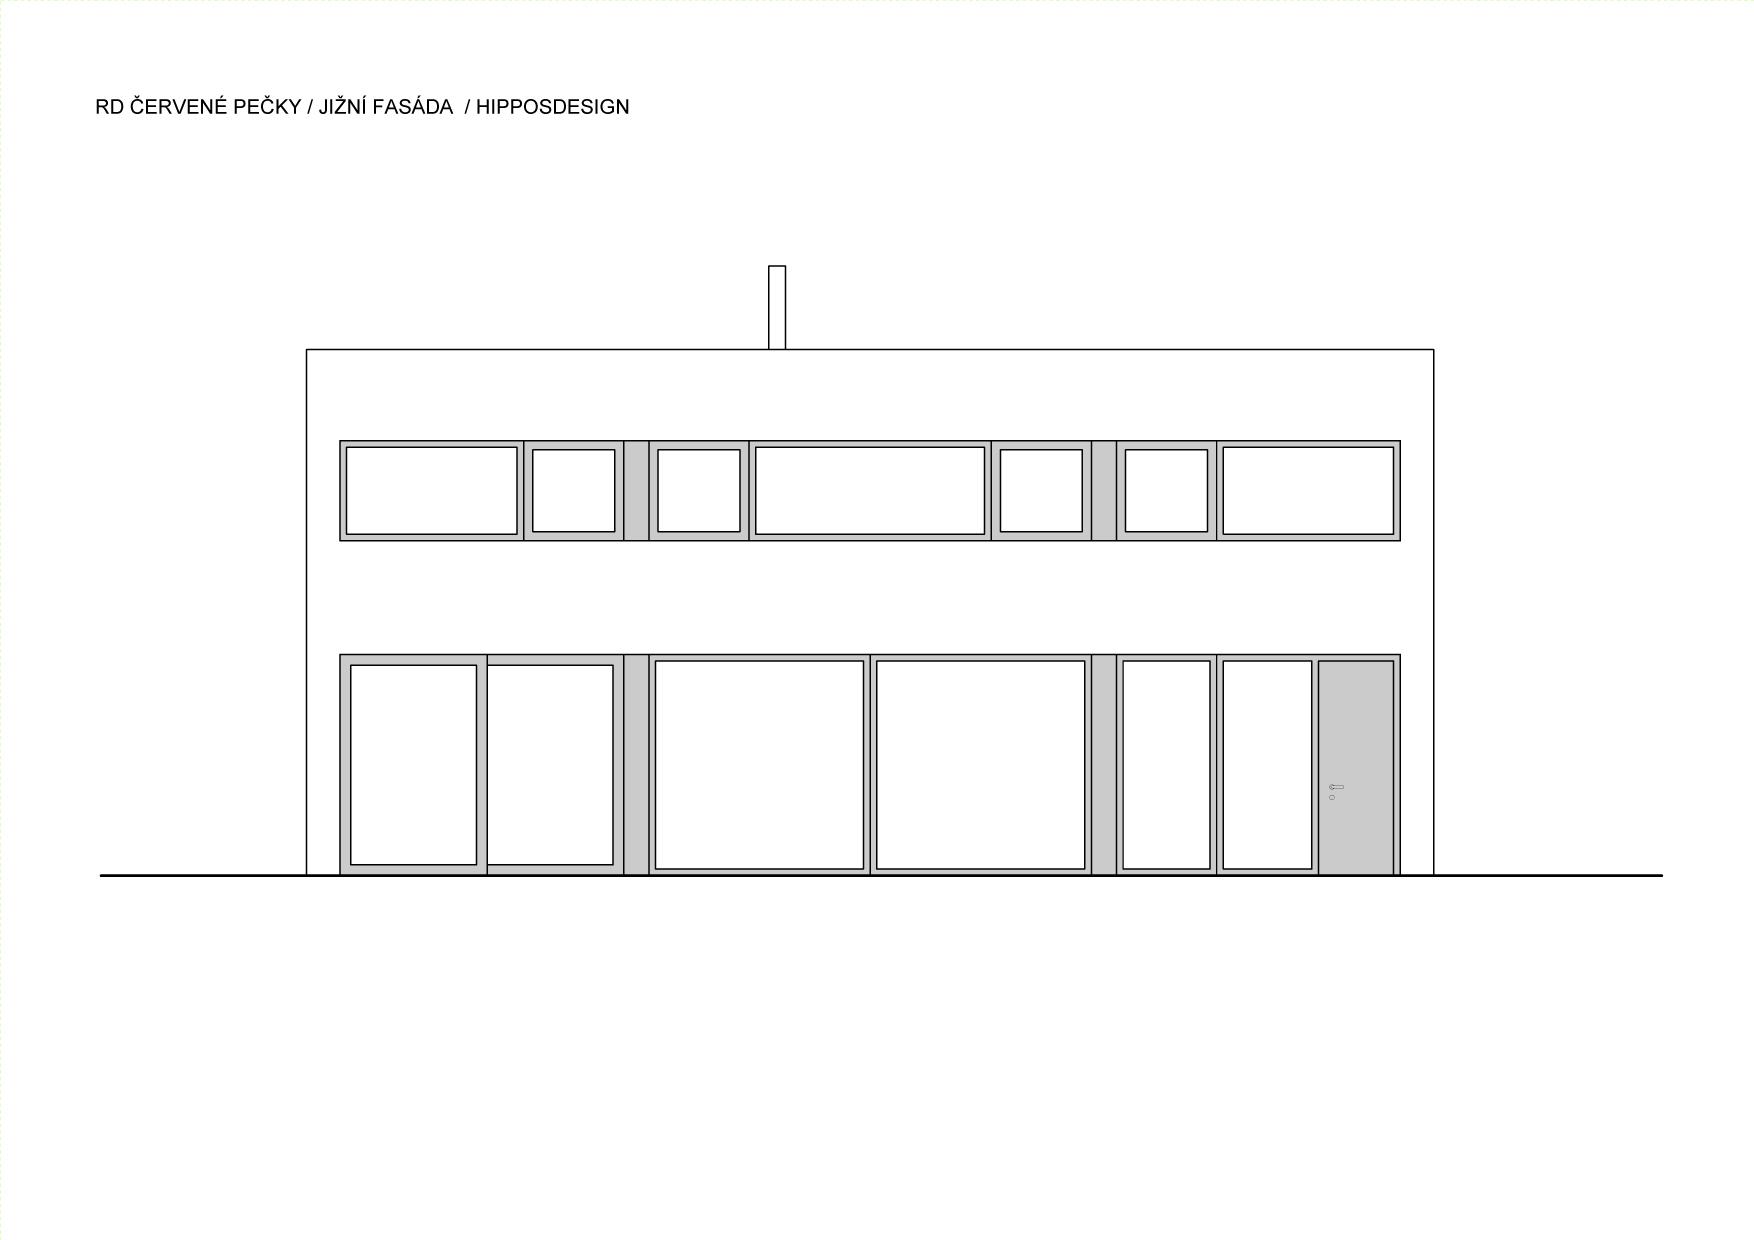 fasada sever